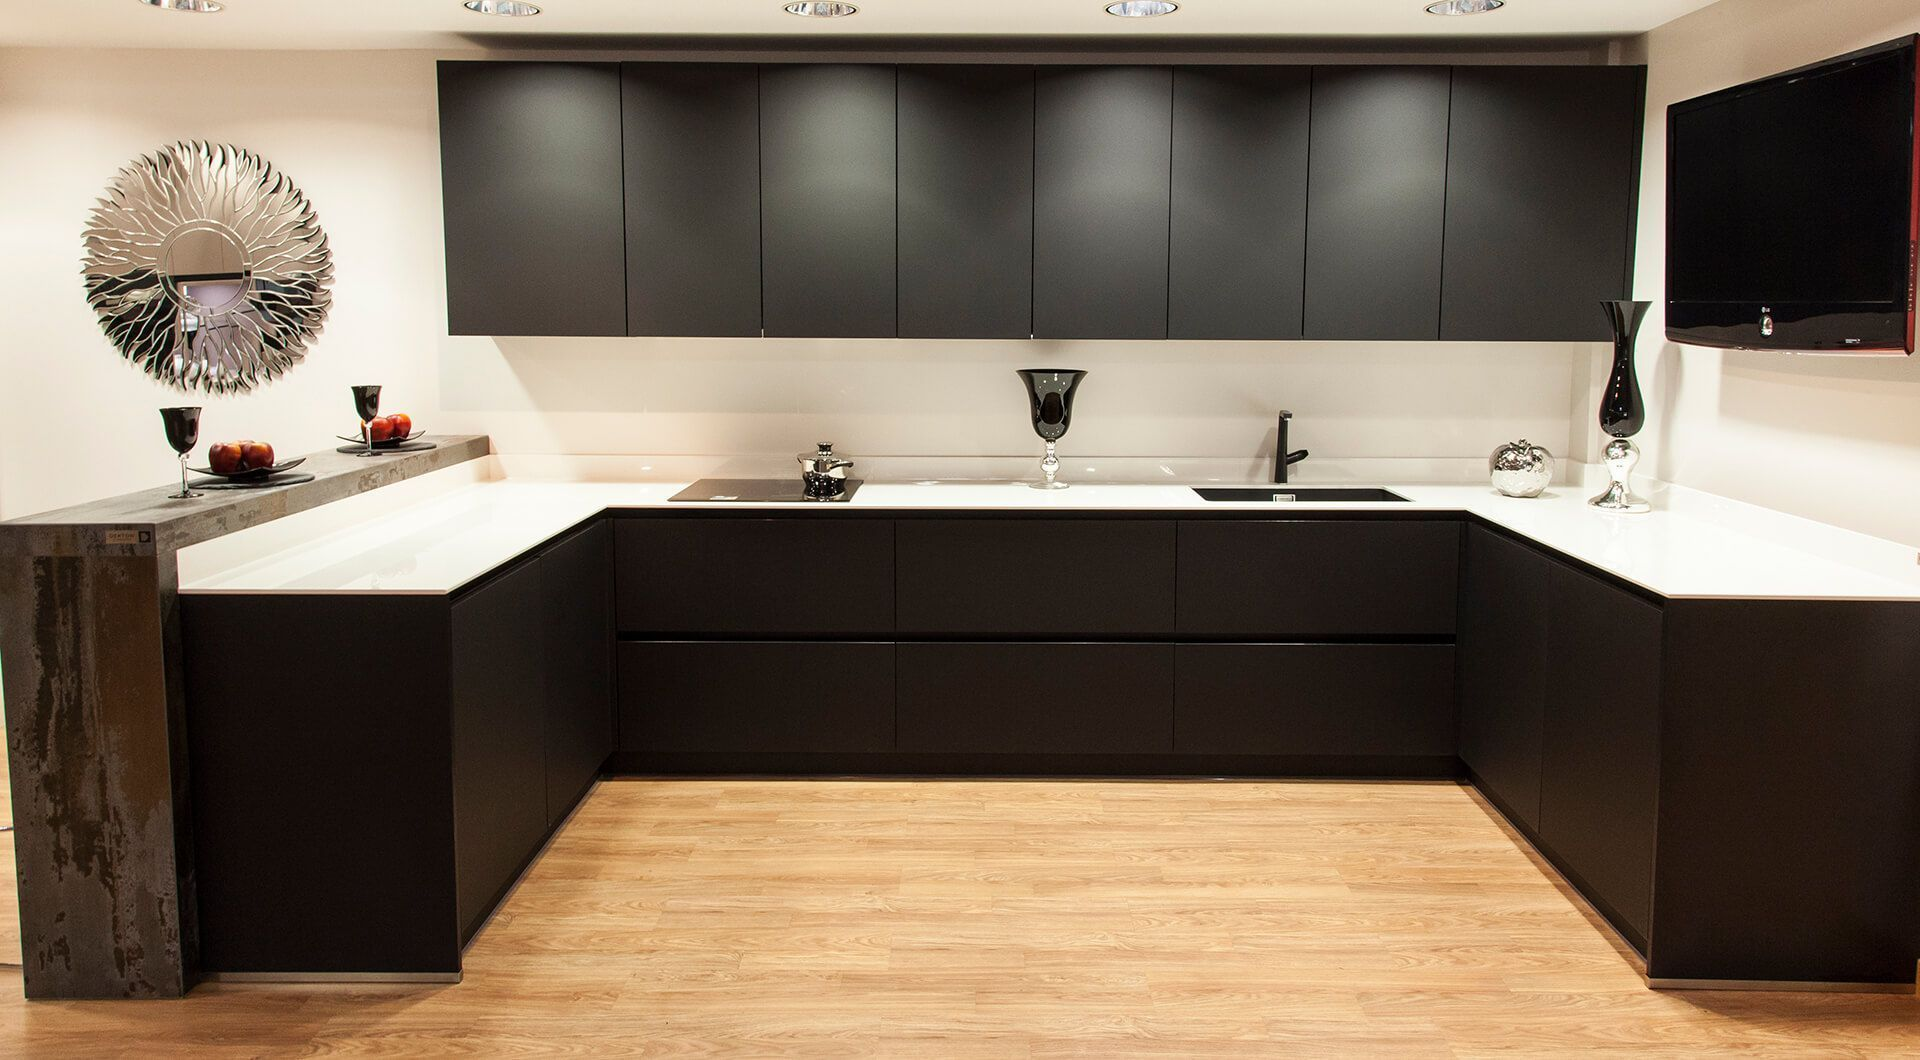 muebles de cocina fenix b lasan decoracion